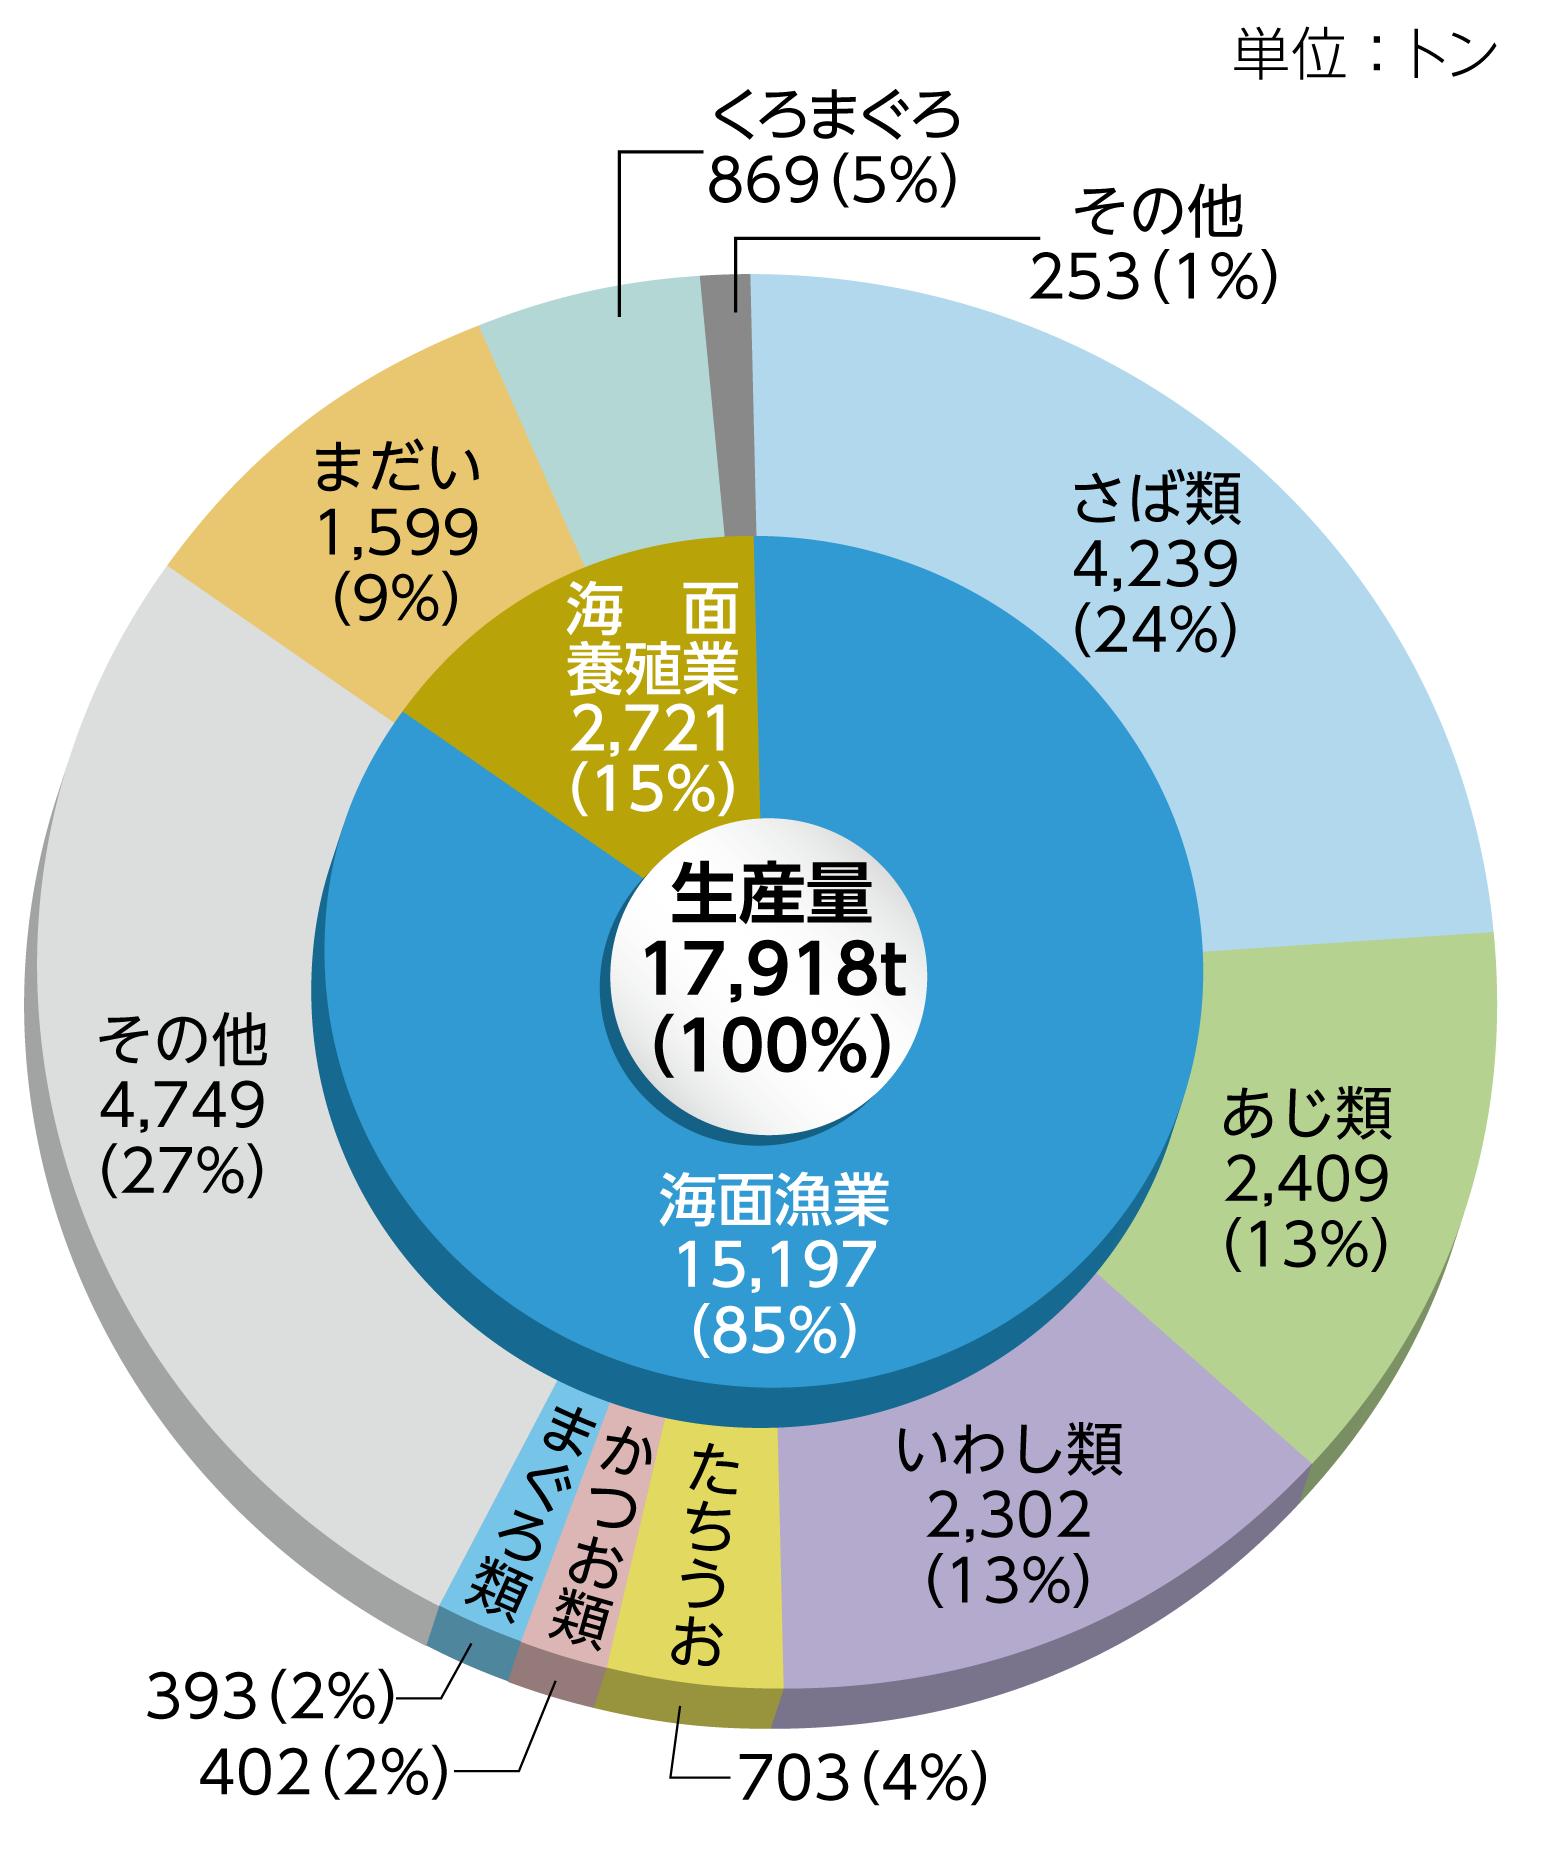 面漁業・養殖業魚種別生産量円グラフ